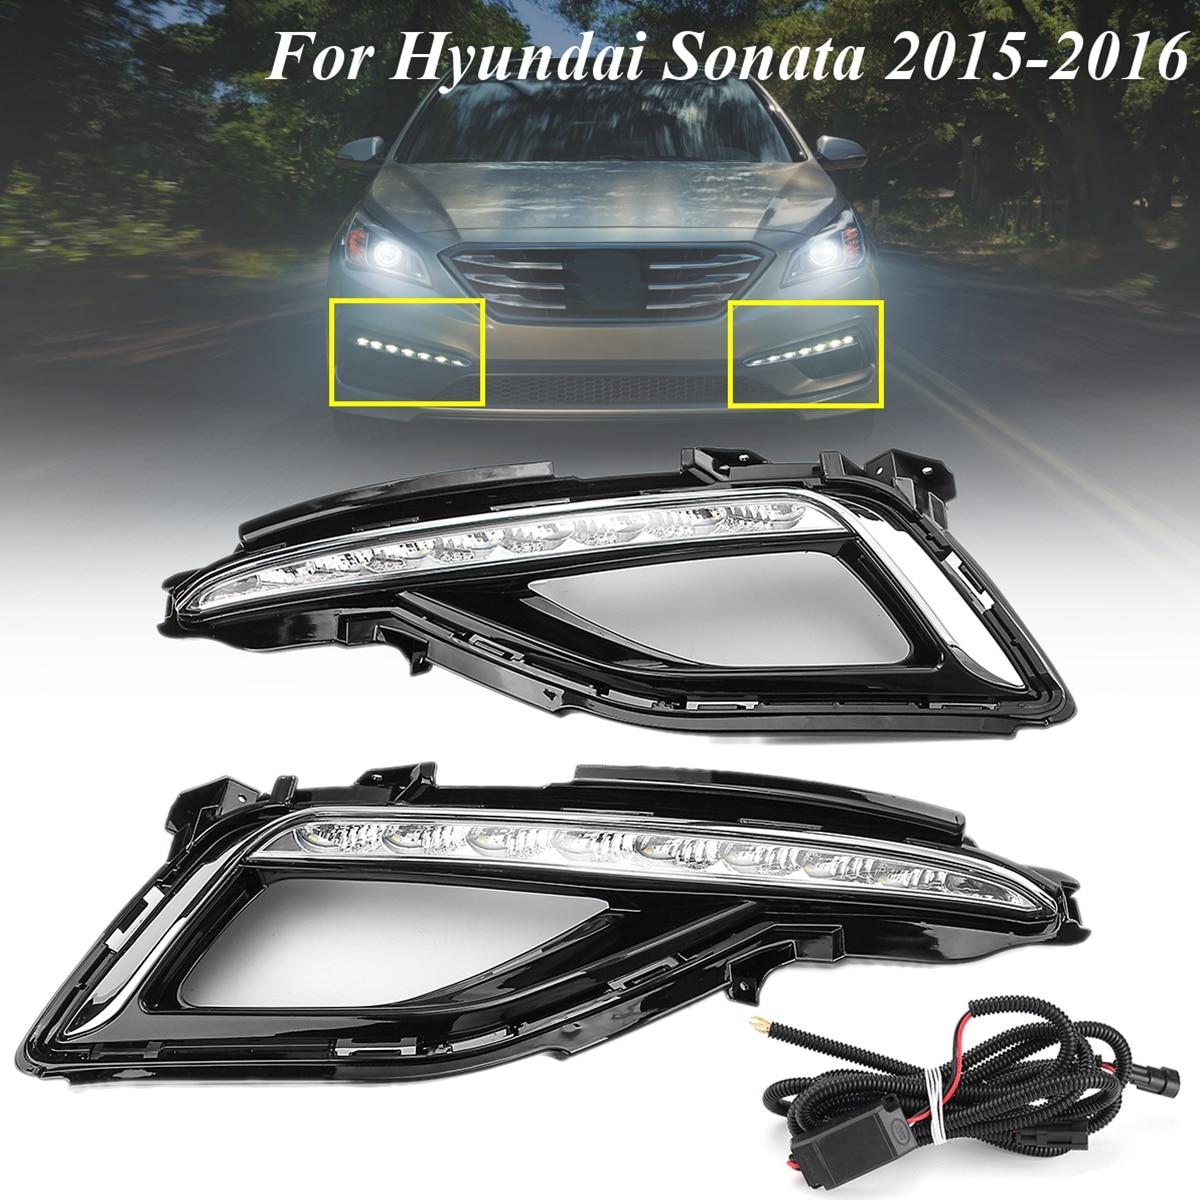 цена на 1 Pair LED White Daytime Running Lights Fog Lamps For Hyundai Sonata 2015-2016